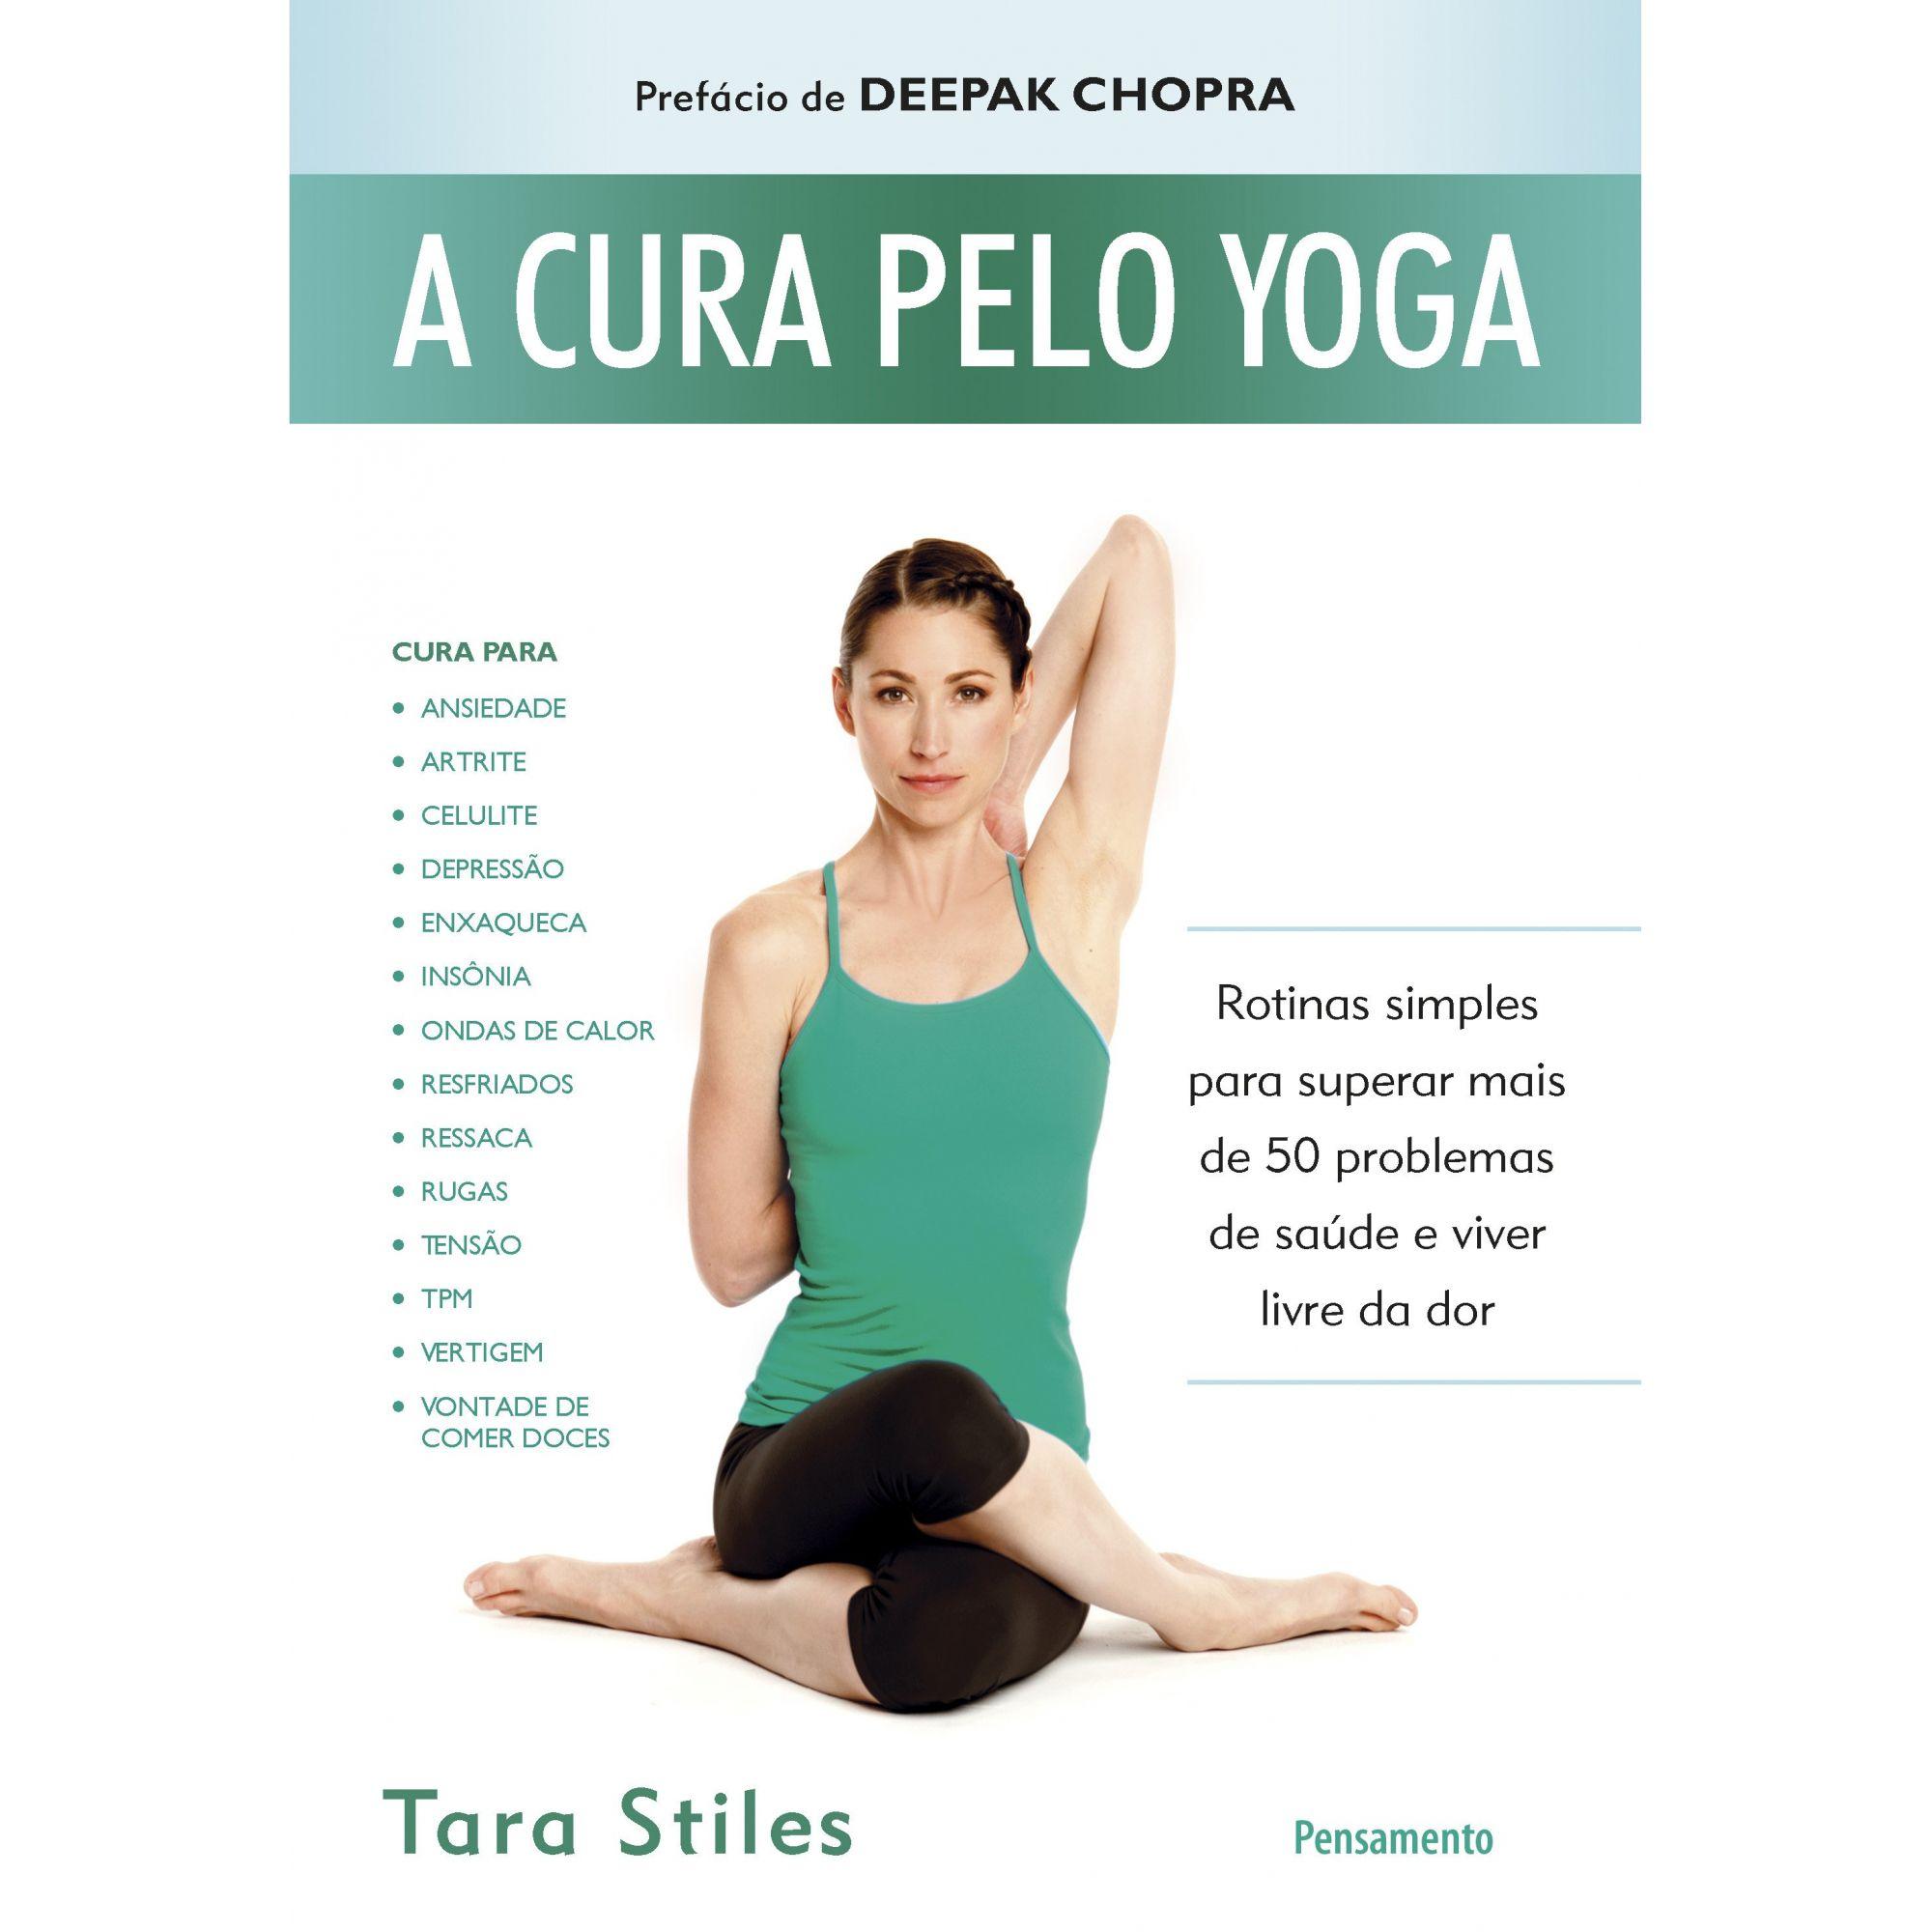 A Cura Pelo Yoga